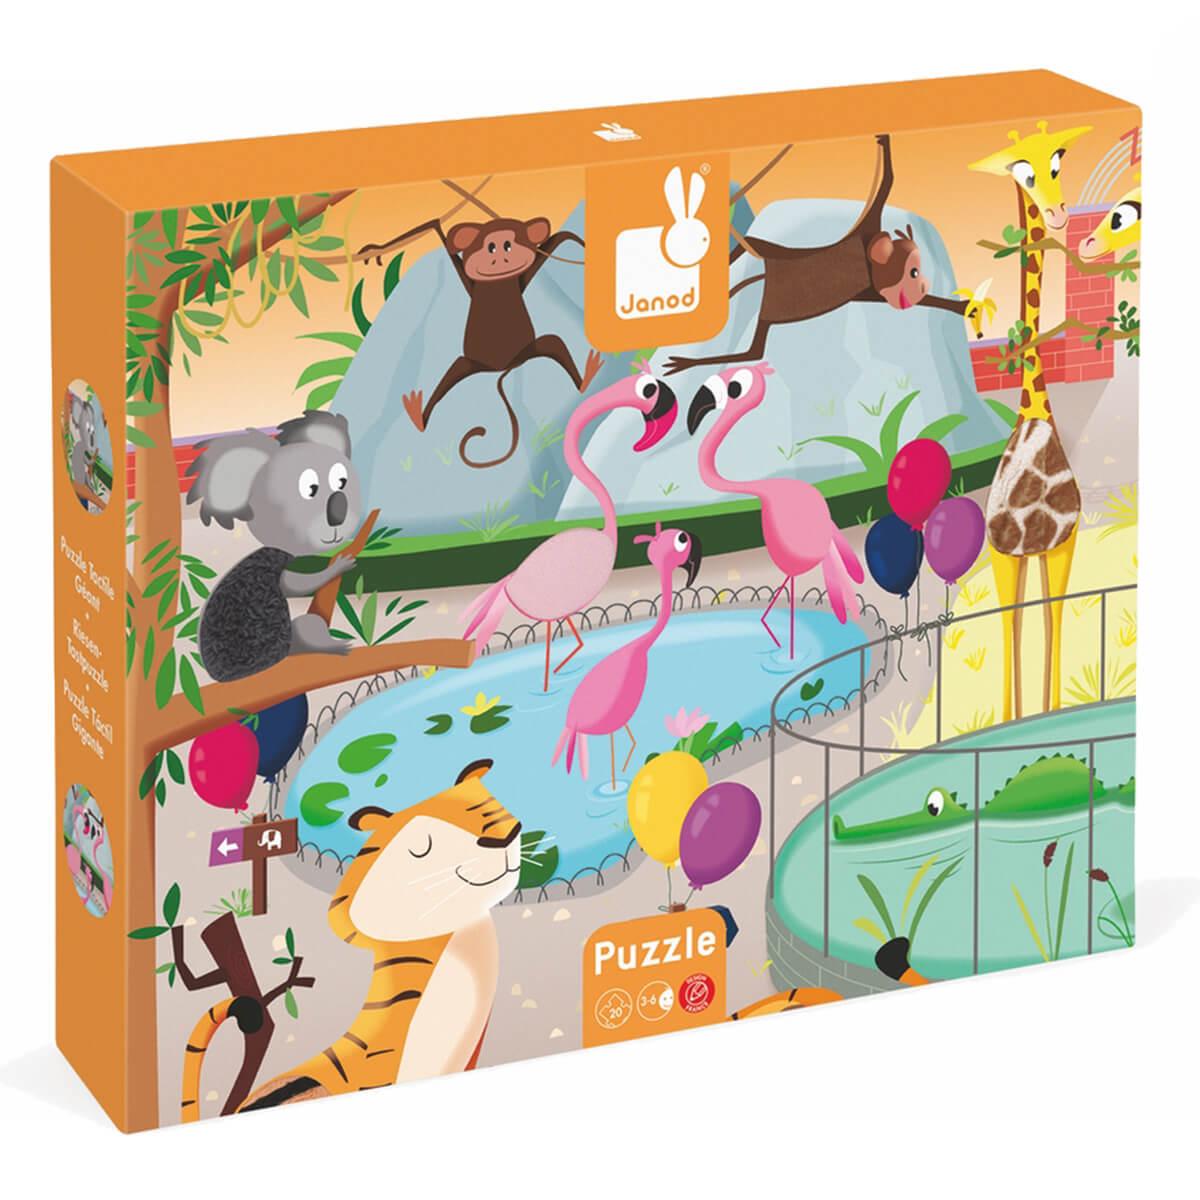 Janod Пазл День в зоопаркеJ02774Пазл Janod День в зоопарке - удивительные пазлы из ламинированного картона с добавлением текстильных материалов различных текстур. Пазл состоит из 20 элементов. Материал подобран так, чтобы и цветом и самой текстурой подходил тому или иному обитателю зоопарка. Тем самым, дети воспринимают и запоминают животных не только на визуальном уровне, но и на тактическом.